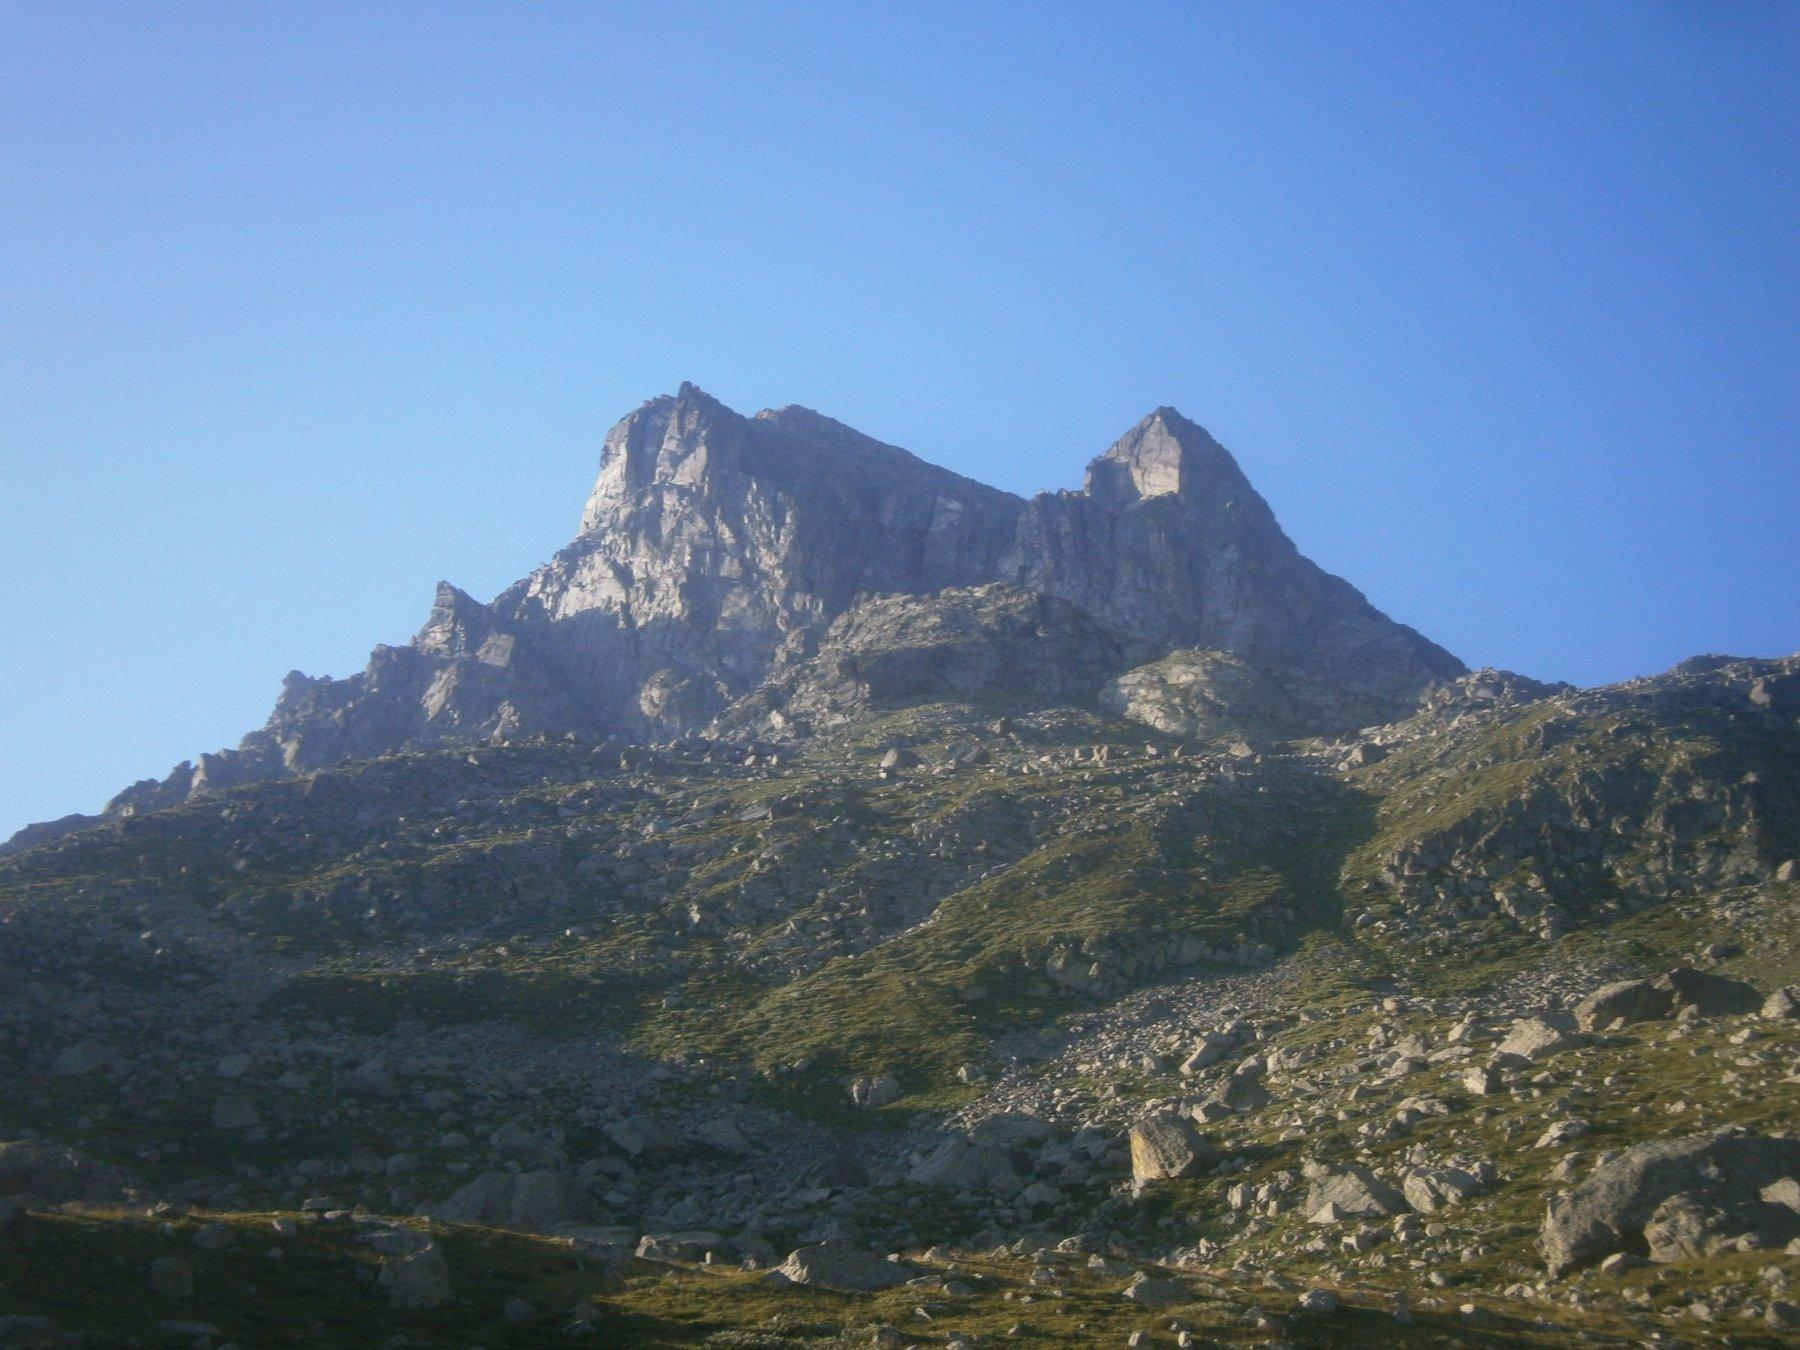 Viso Mozzo e rocca Trune dai pressi del lago Chiaretto